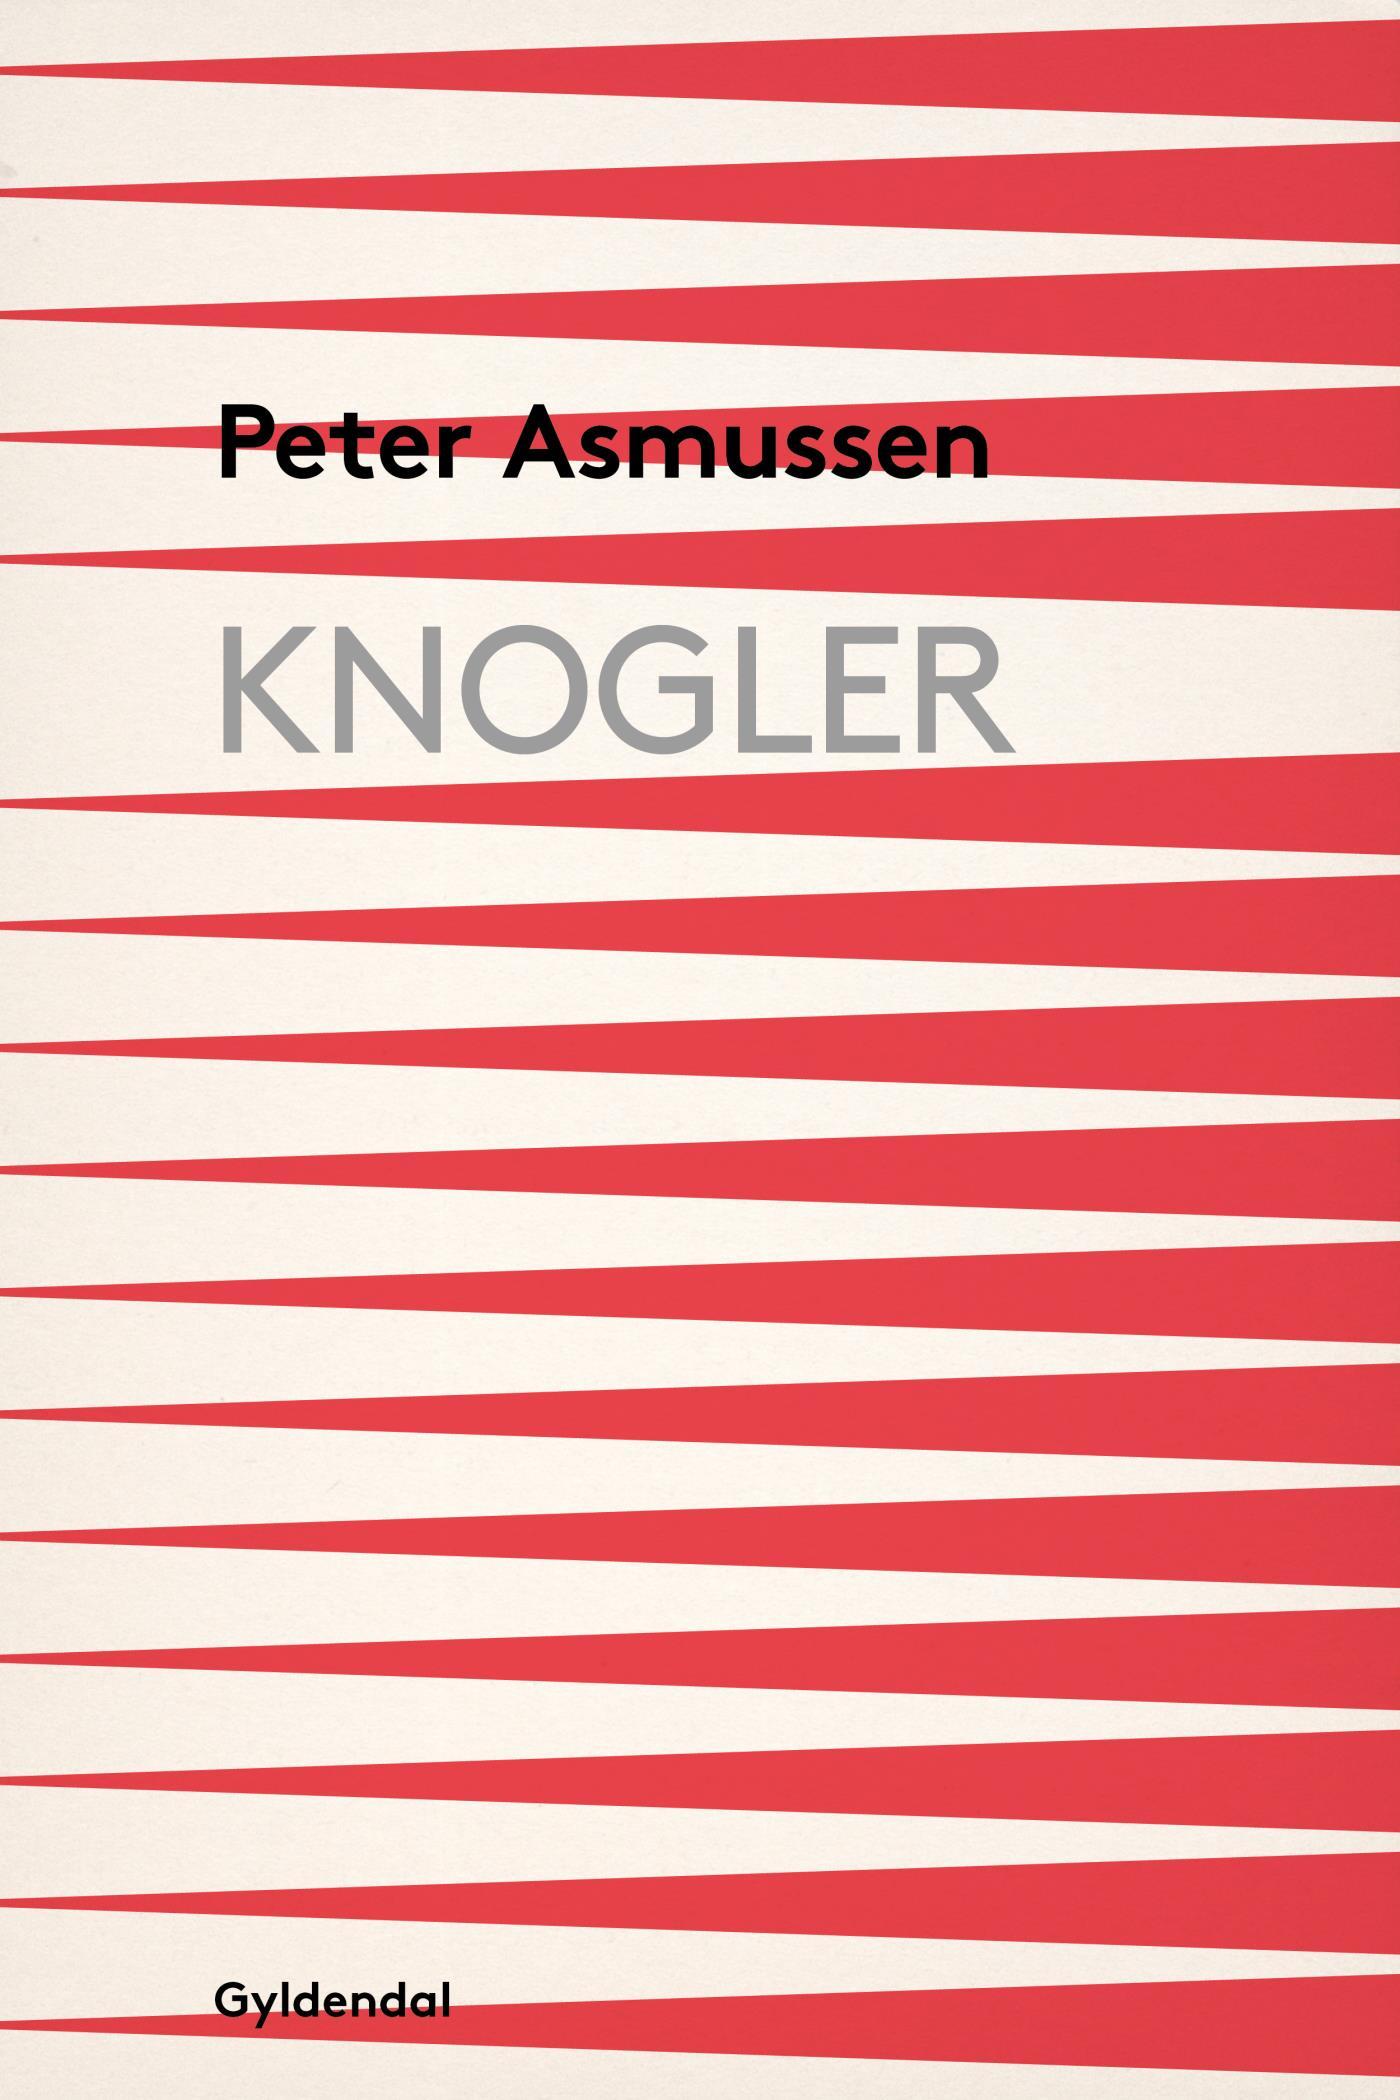 Knogler - e-bog fra N/A på bog & mystik